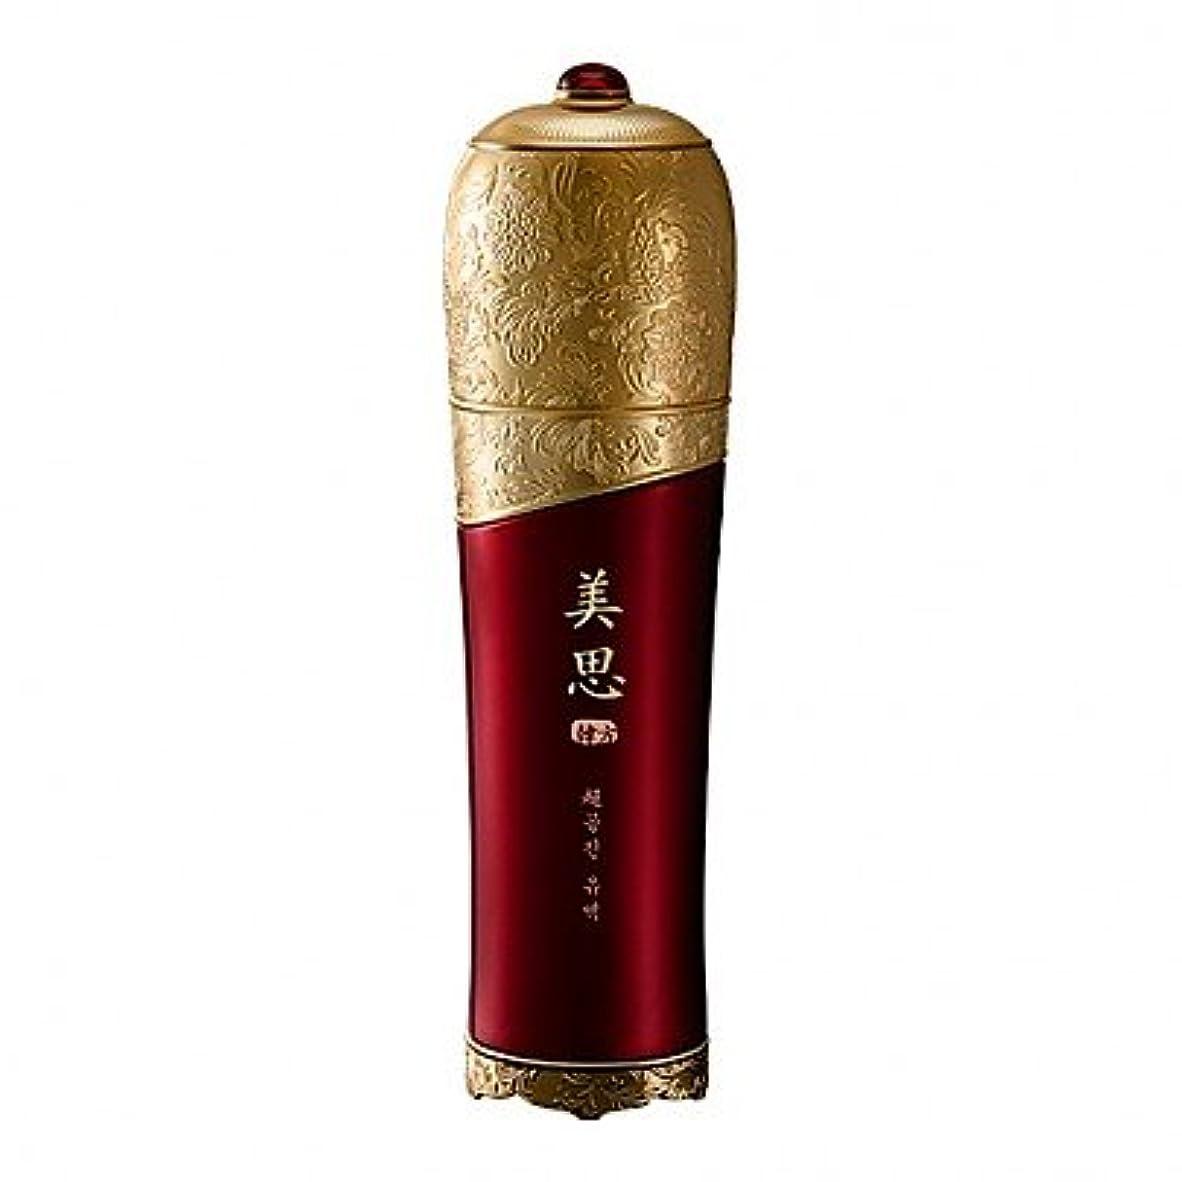 プレゼン滅びるダニMISSHA/ミシャ チョゴンジン 乳液 (旧チョボヤン) 125ml[海外直送品]